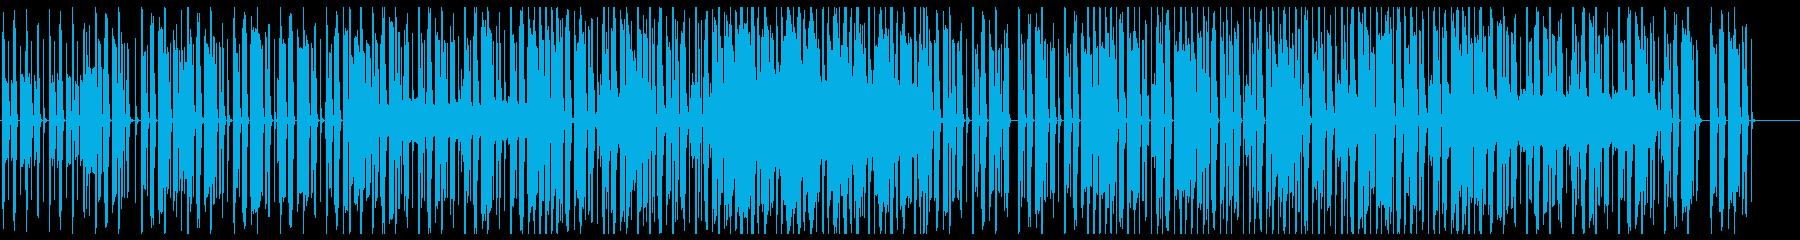 オシャレなチル系ビート 歌なしサックス有の再生済みの波形